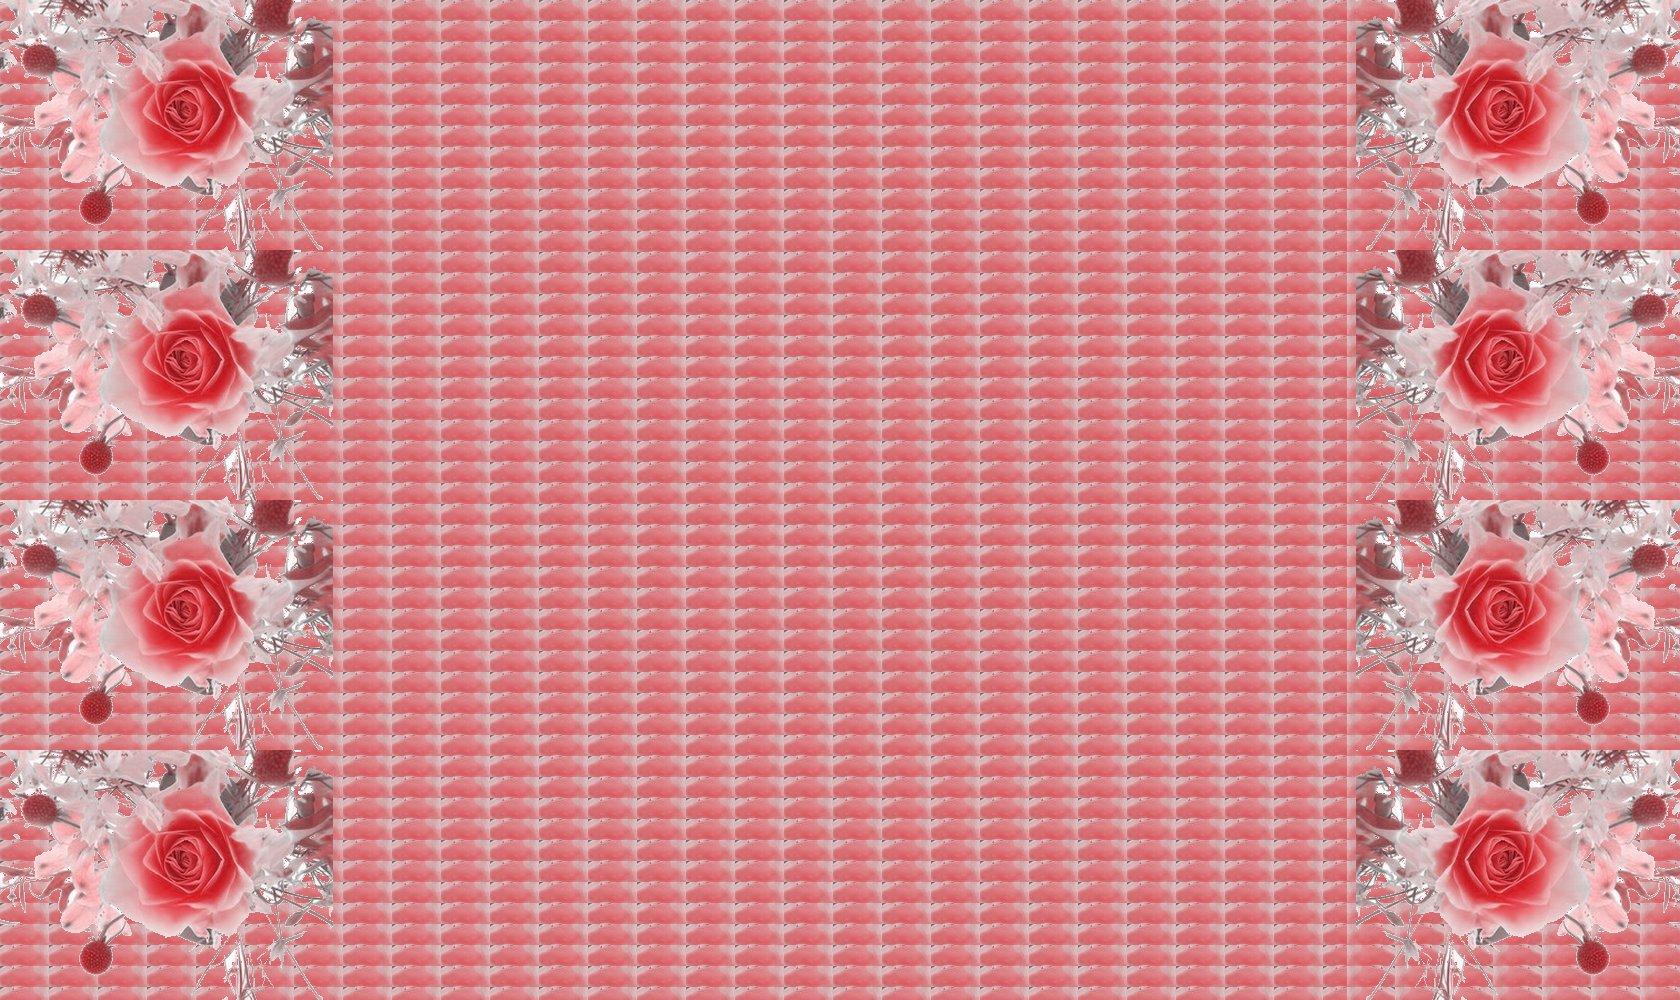 http://moniquebeauchamp.org/img4/fond-daniellelacour-rose-rouge-1680-1000.jpg